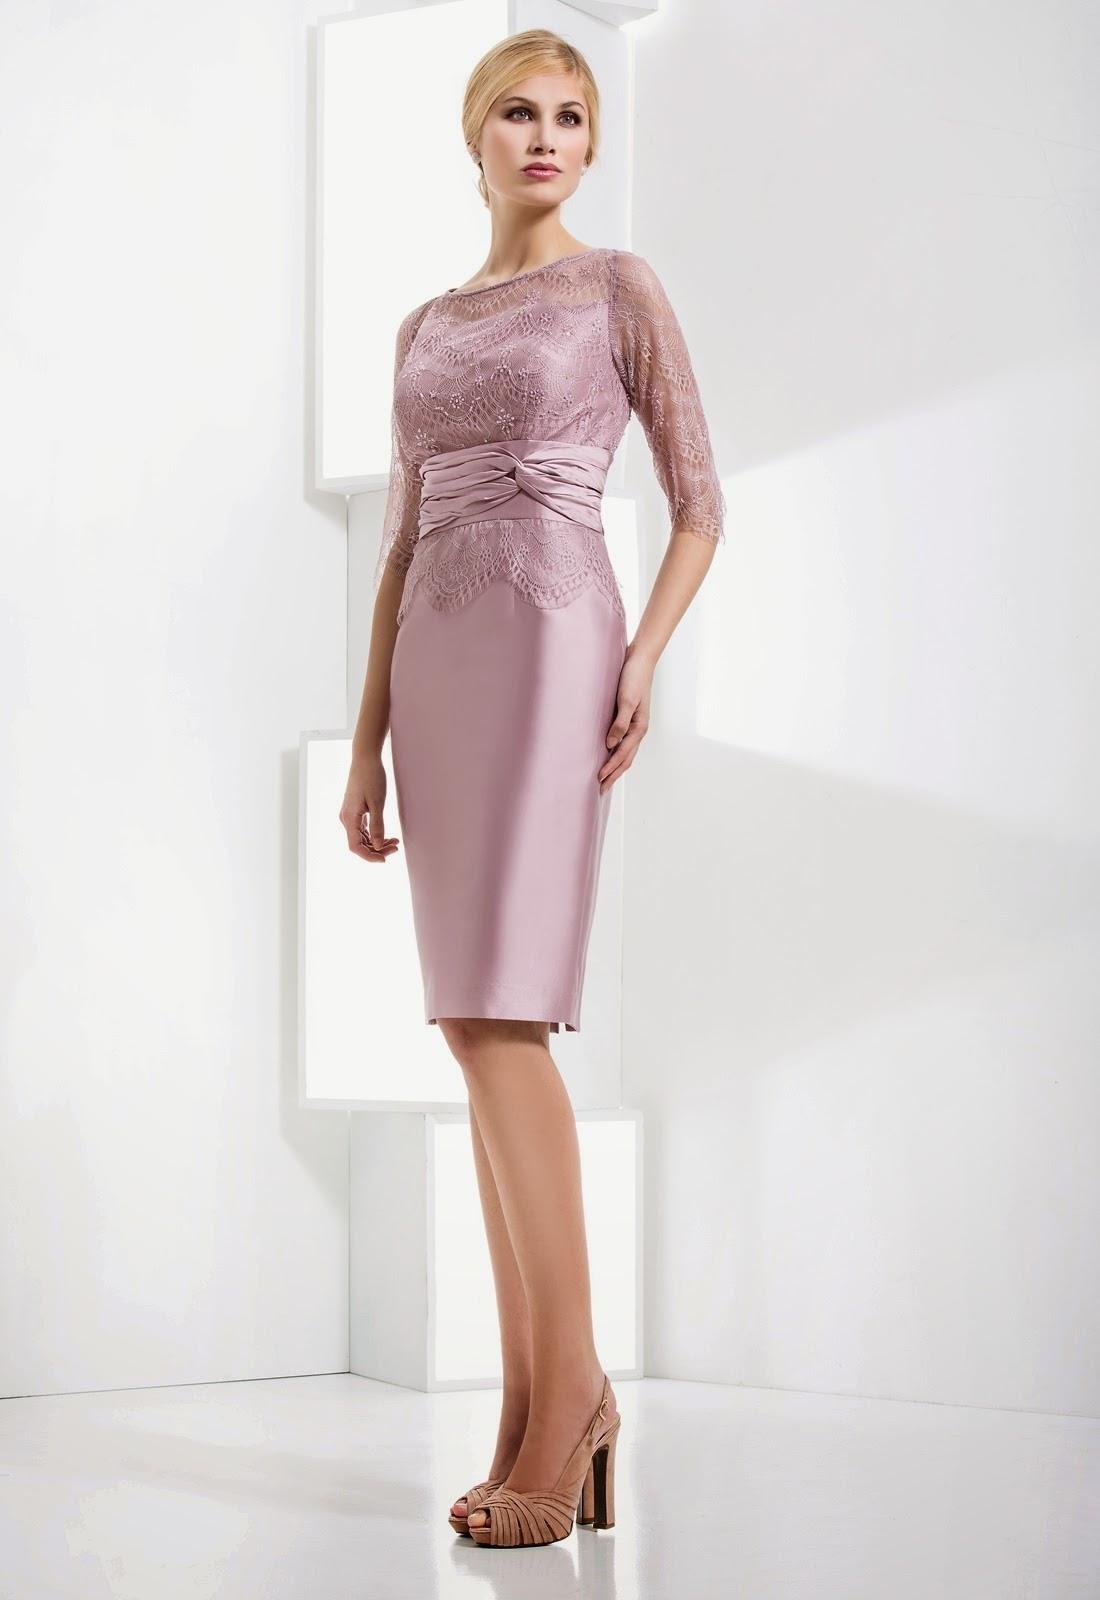 Top Elegante Kleider Für Hochzeit Kurz Stylish13 Ausgezeichnet Elegante Kleider Für Hochzeit Kurz Bester Preis